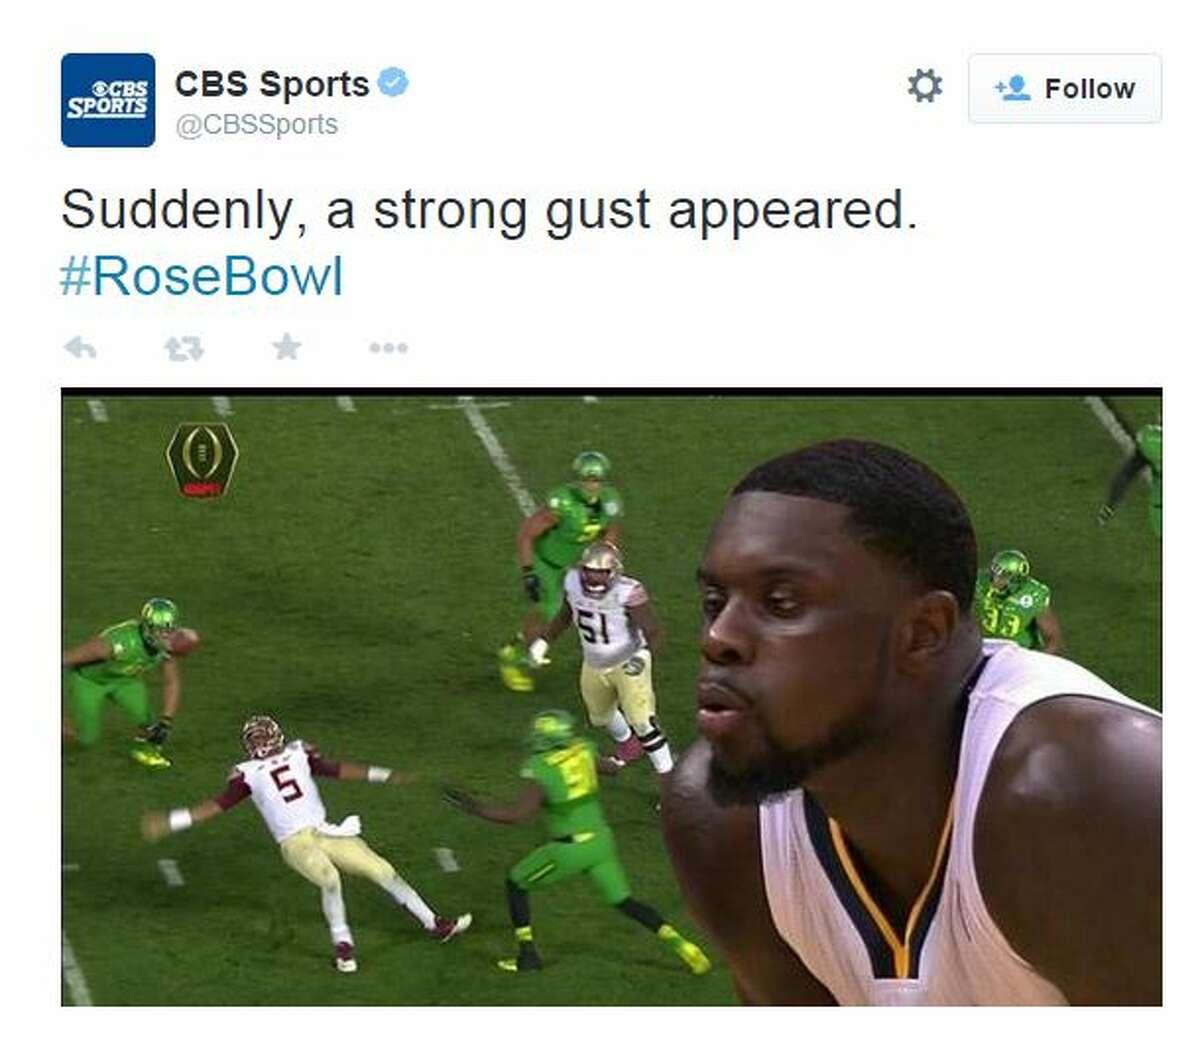 @CBSSports